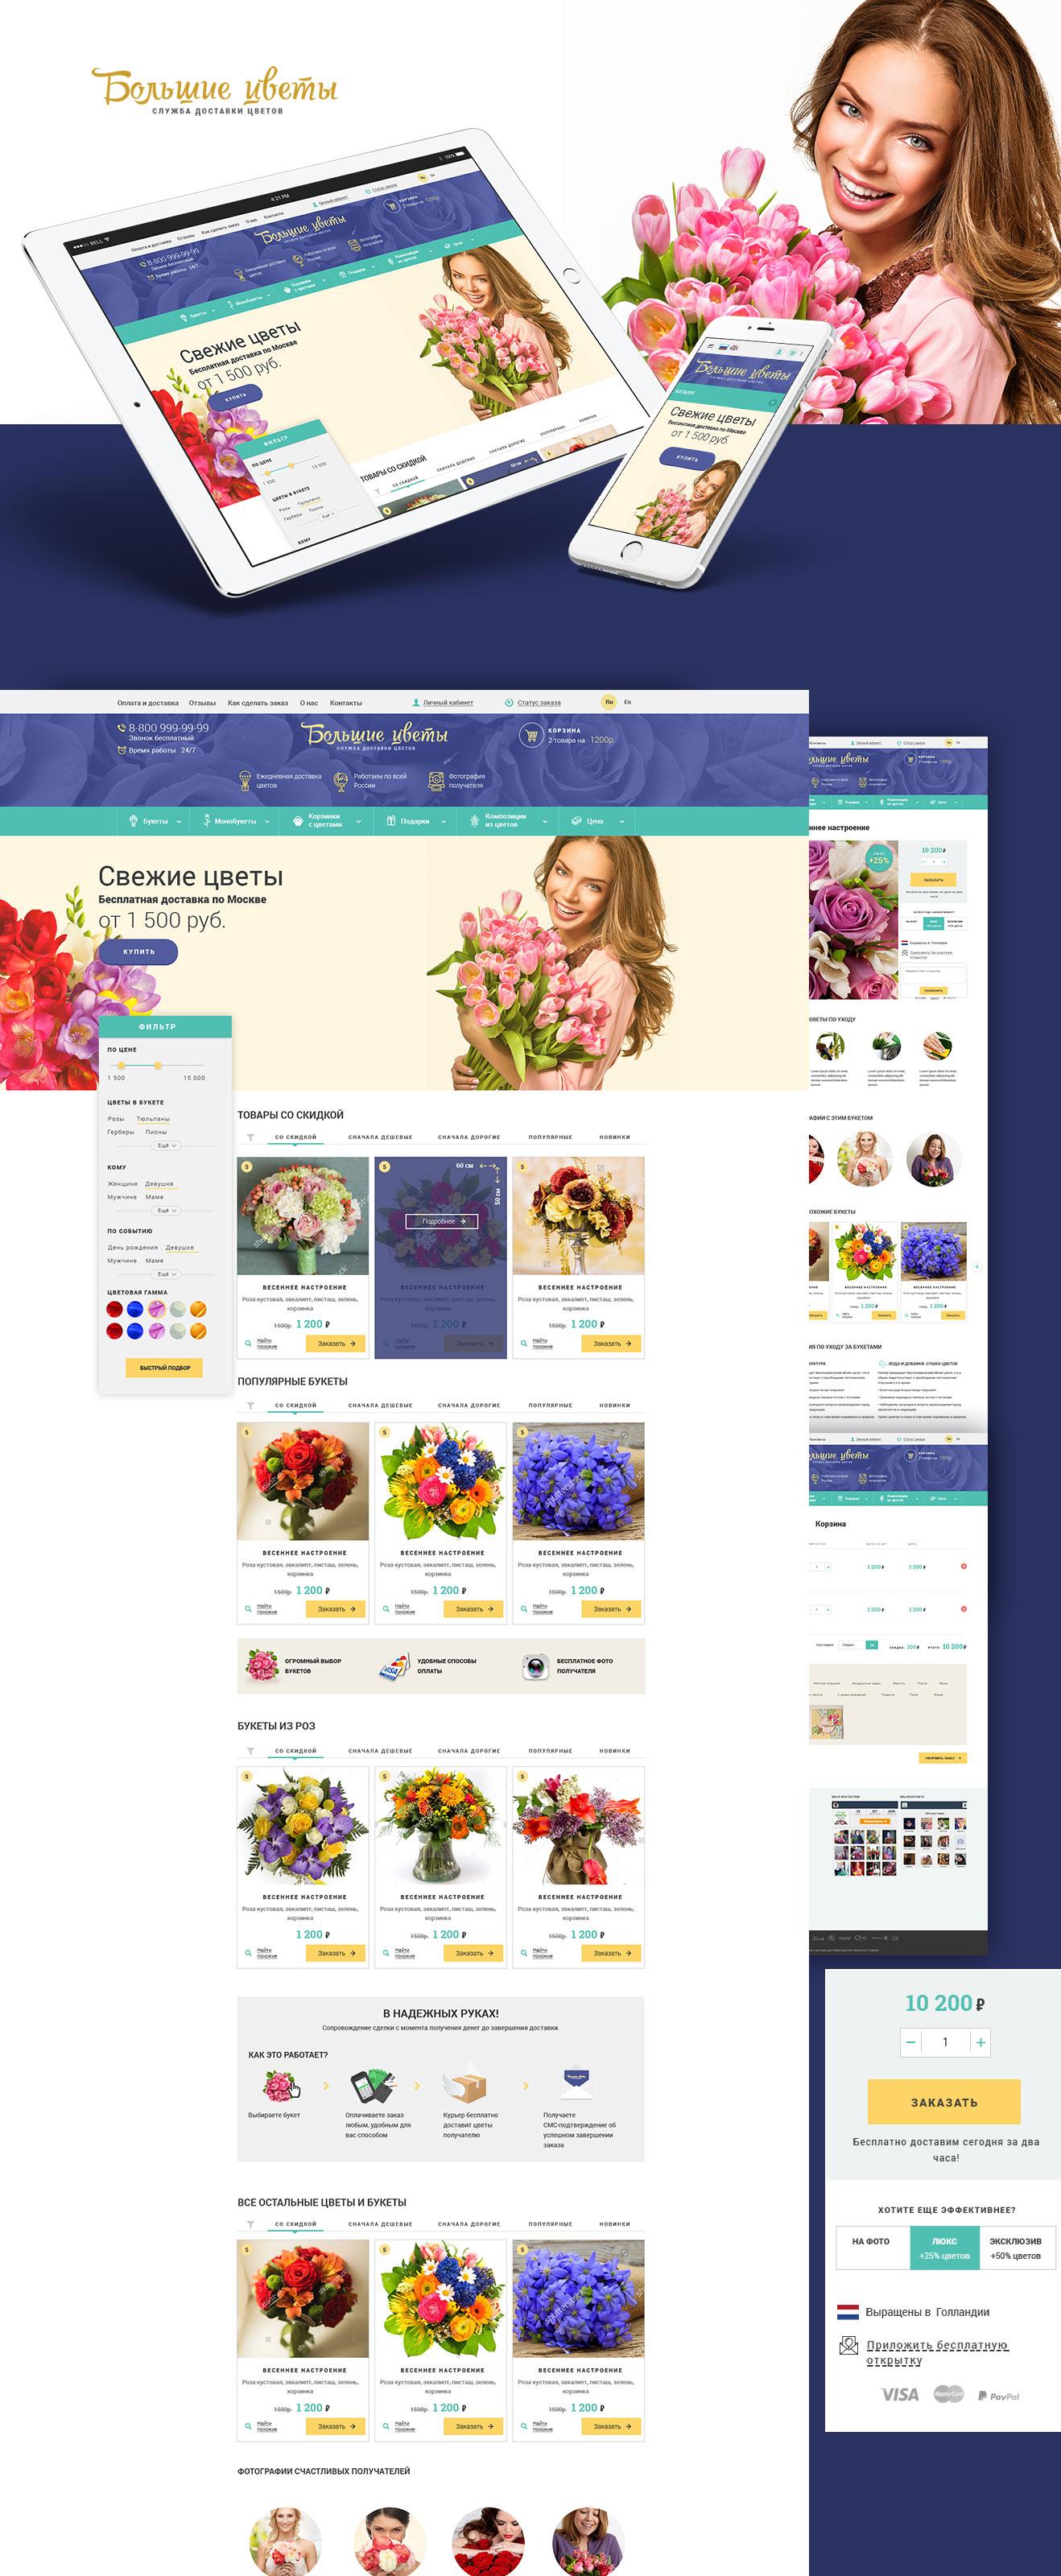 Большие цветы - адаптивный дизайн сайта.